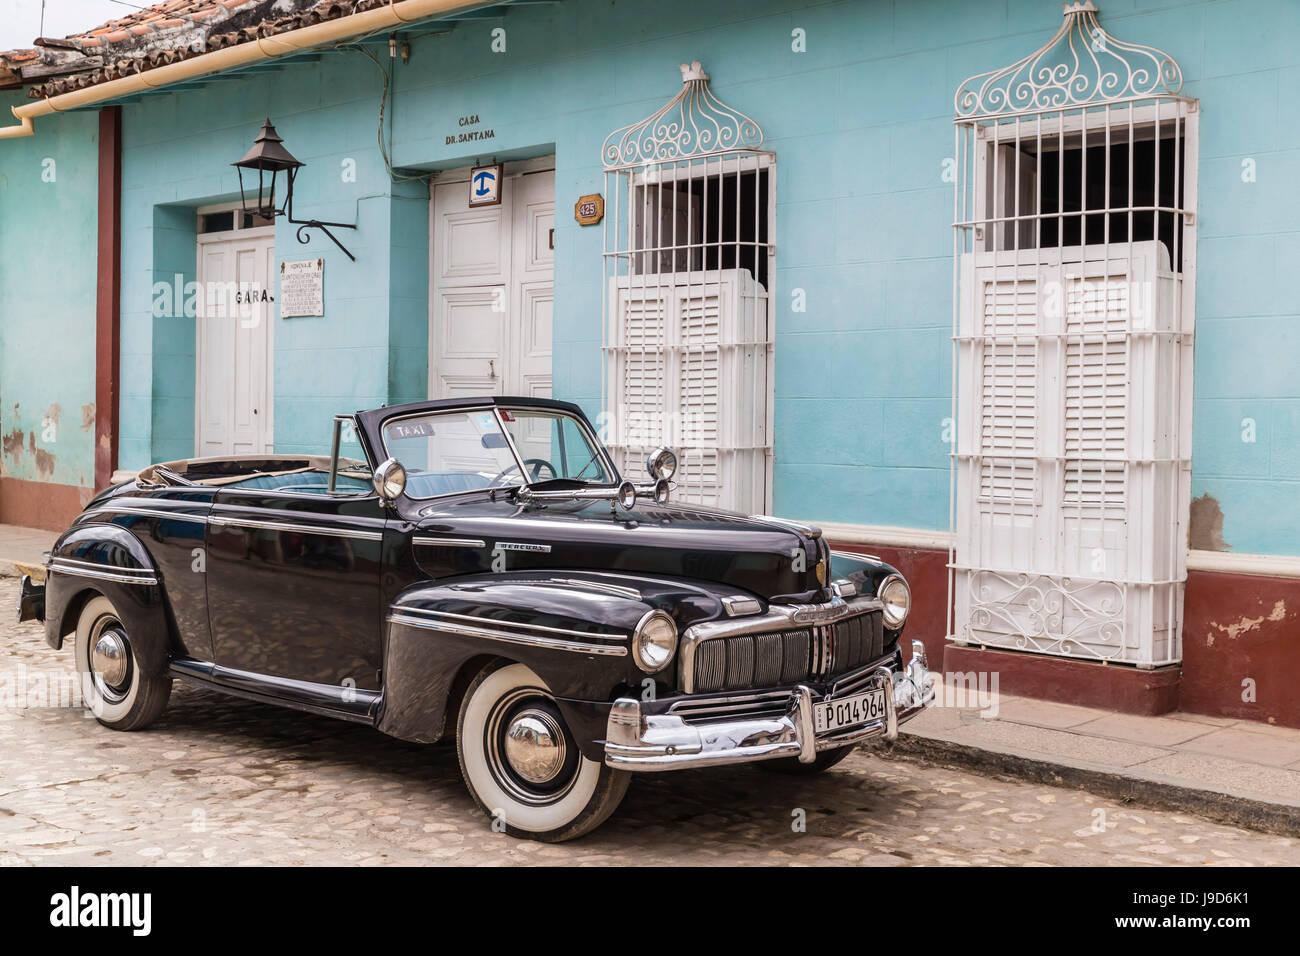 Un'annata 1948 American Mercury otto lavorando come un taxi nella città di Trinidad, UNESCO, Cuba, West Immagini Stock